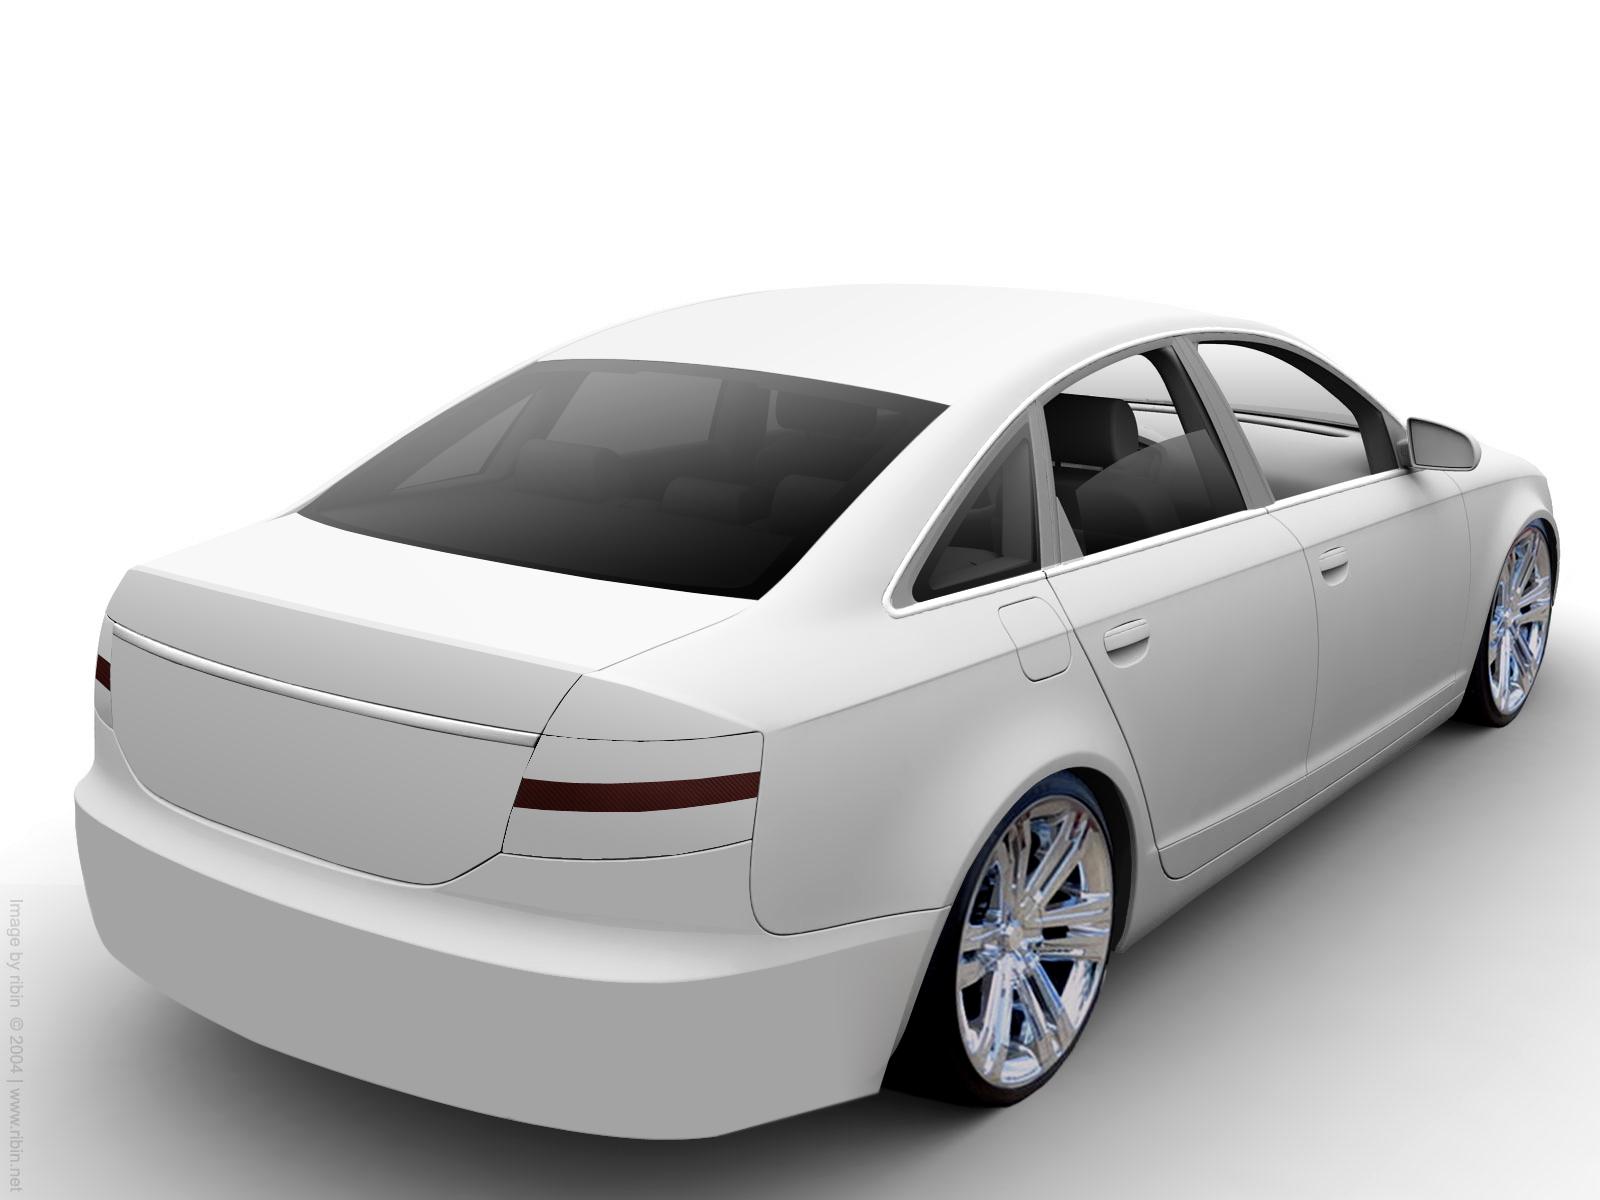 W.!.P] Audi A6 LVL 5 Battle *focusatze* - pagenstecher.de - Deine ...